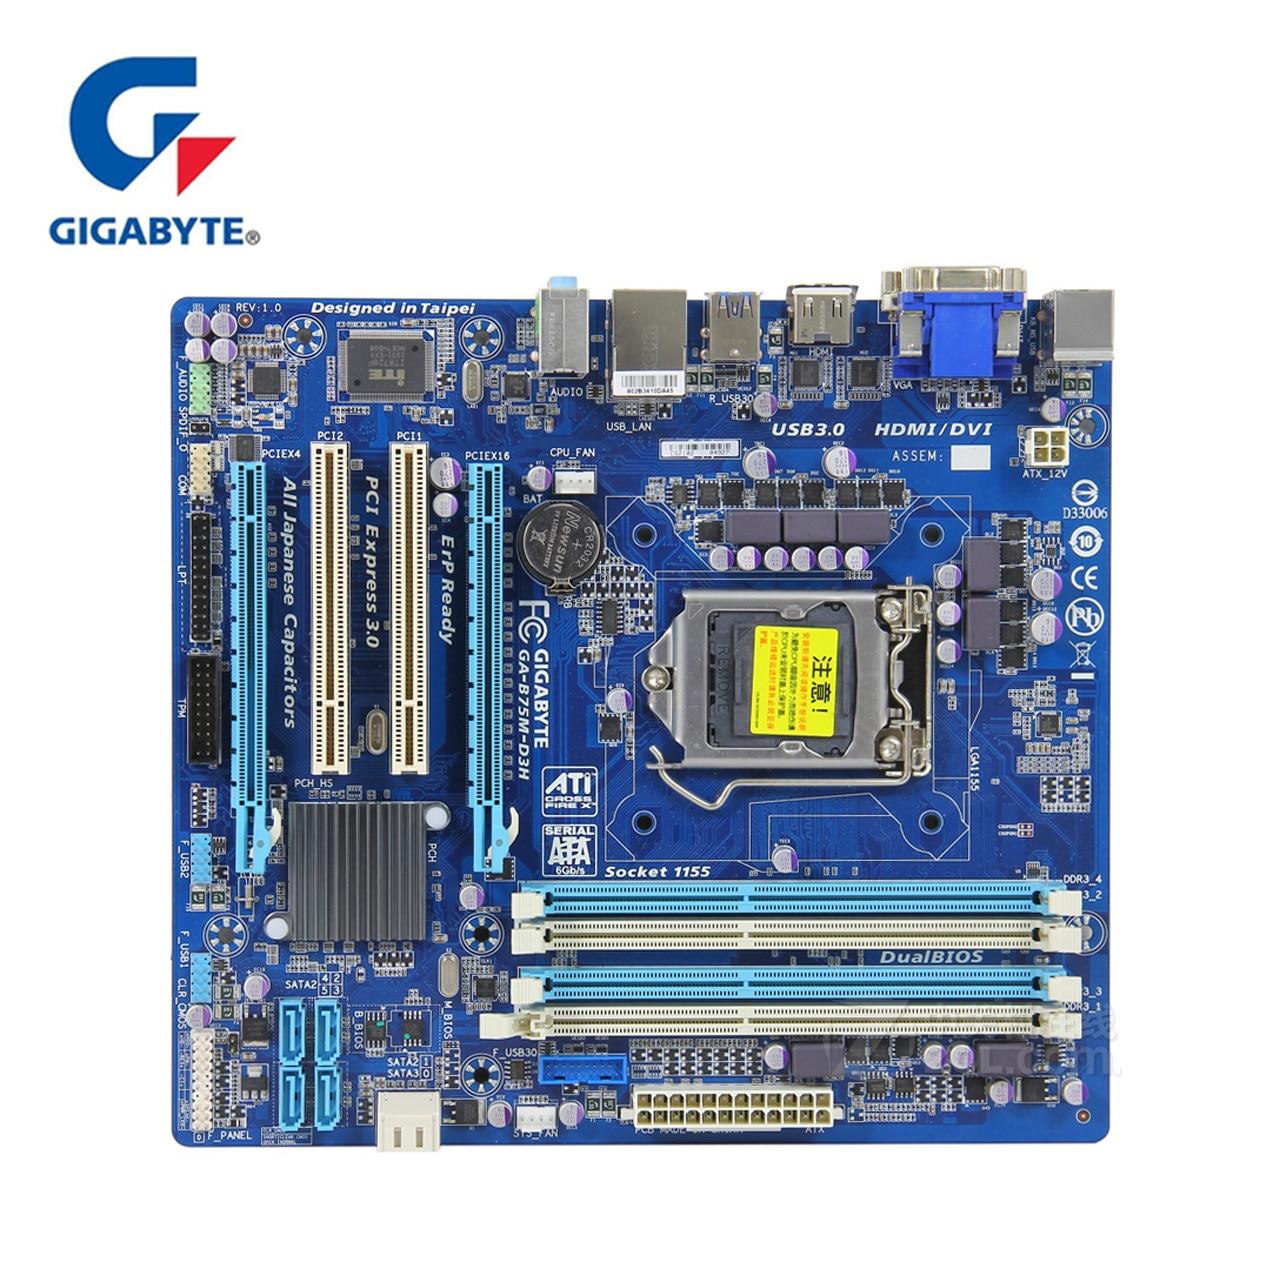 Original Gigabyte GA B75M D3H Motherboard LGA 1155 DDR3 RAM 32G B75 B75M D3H Desktop Mainboard B75M D3H DVI VGA HDMI USB3 Used